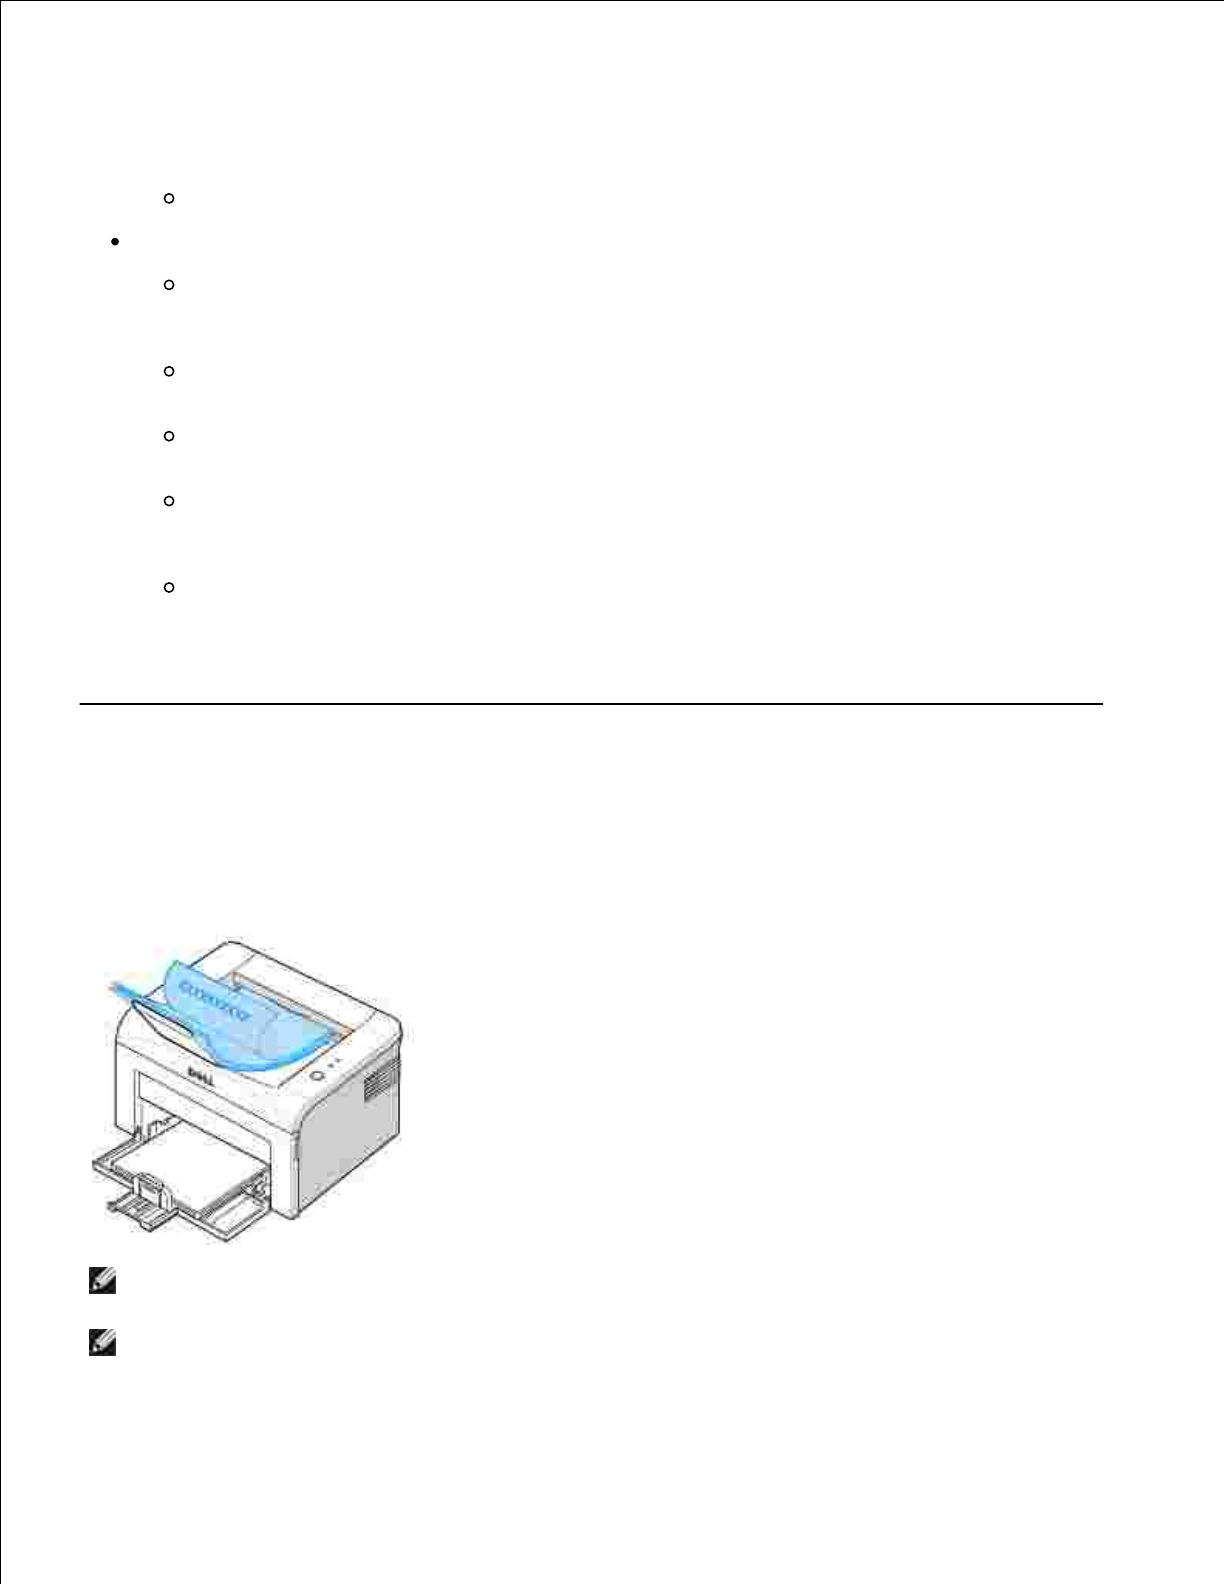 Großartig Die Beste Art Von Papier Zum Drucken Wird Fortgesetzt ...